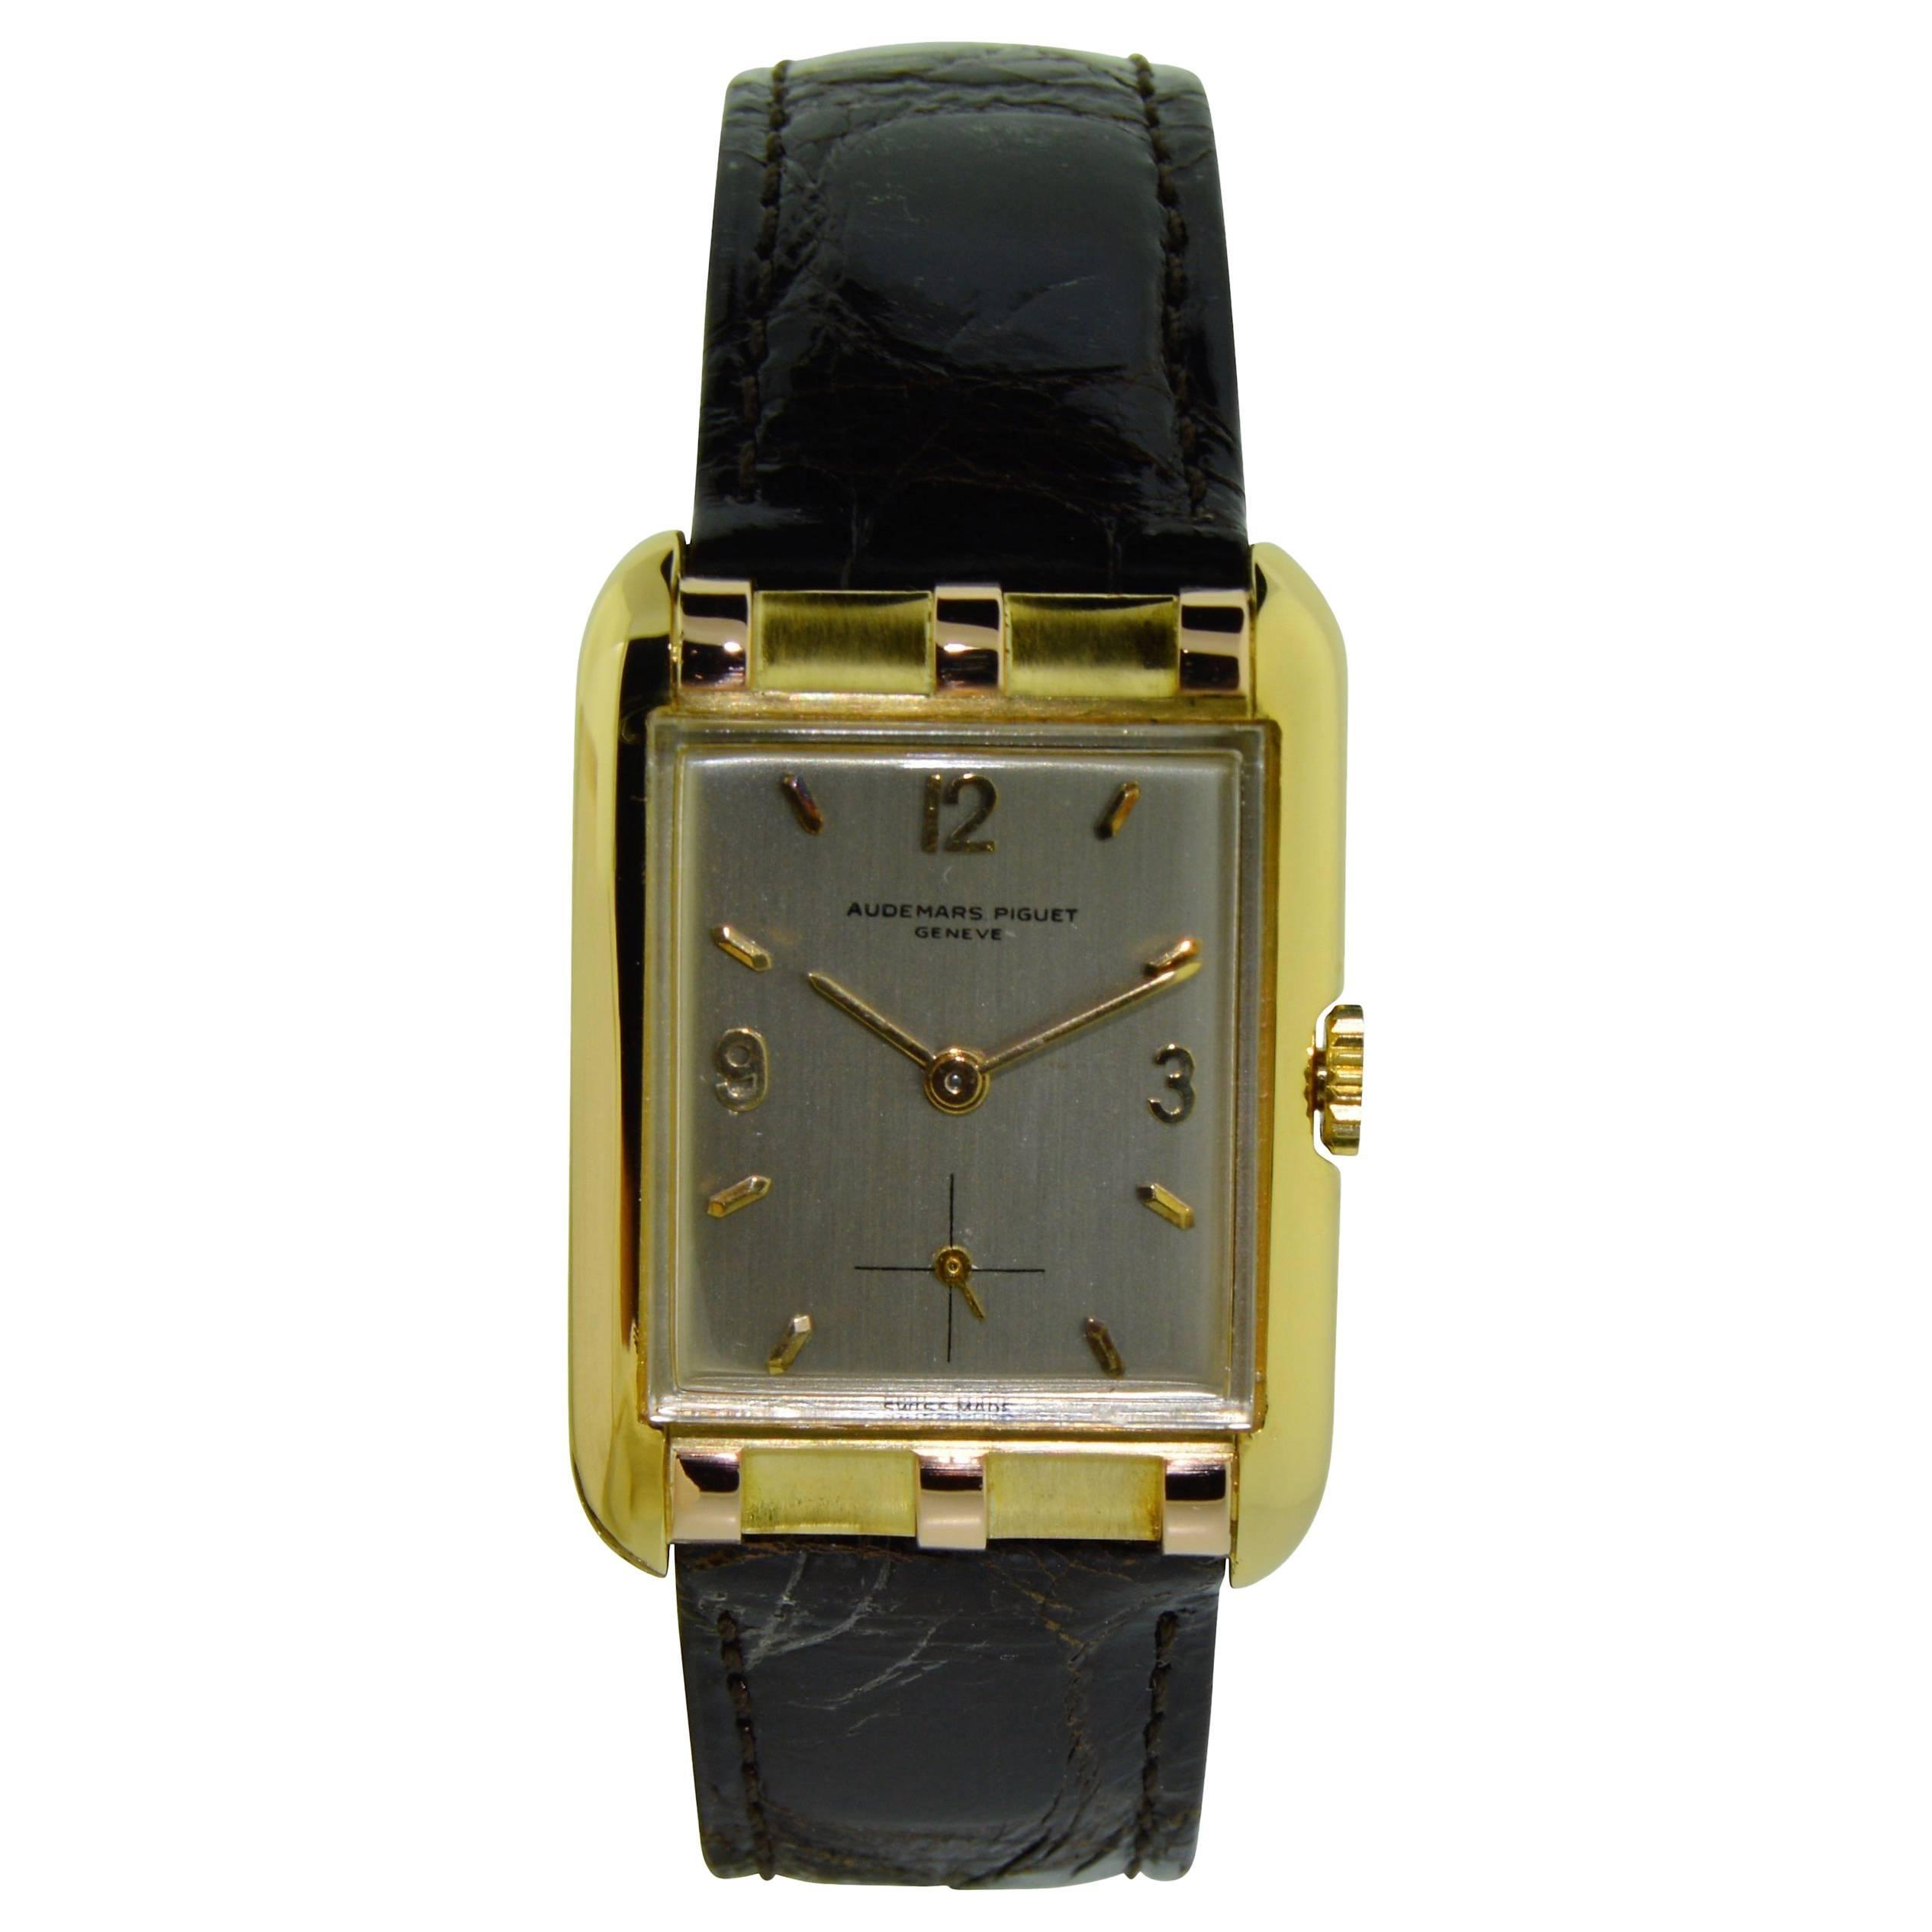 Audemars Piguet Yellow and Rose Gold Art Deco Watch